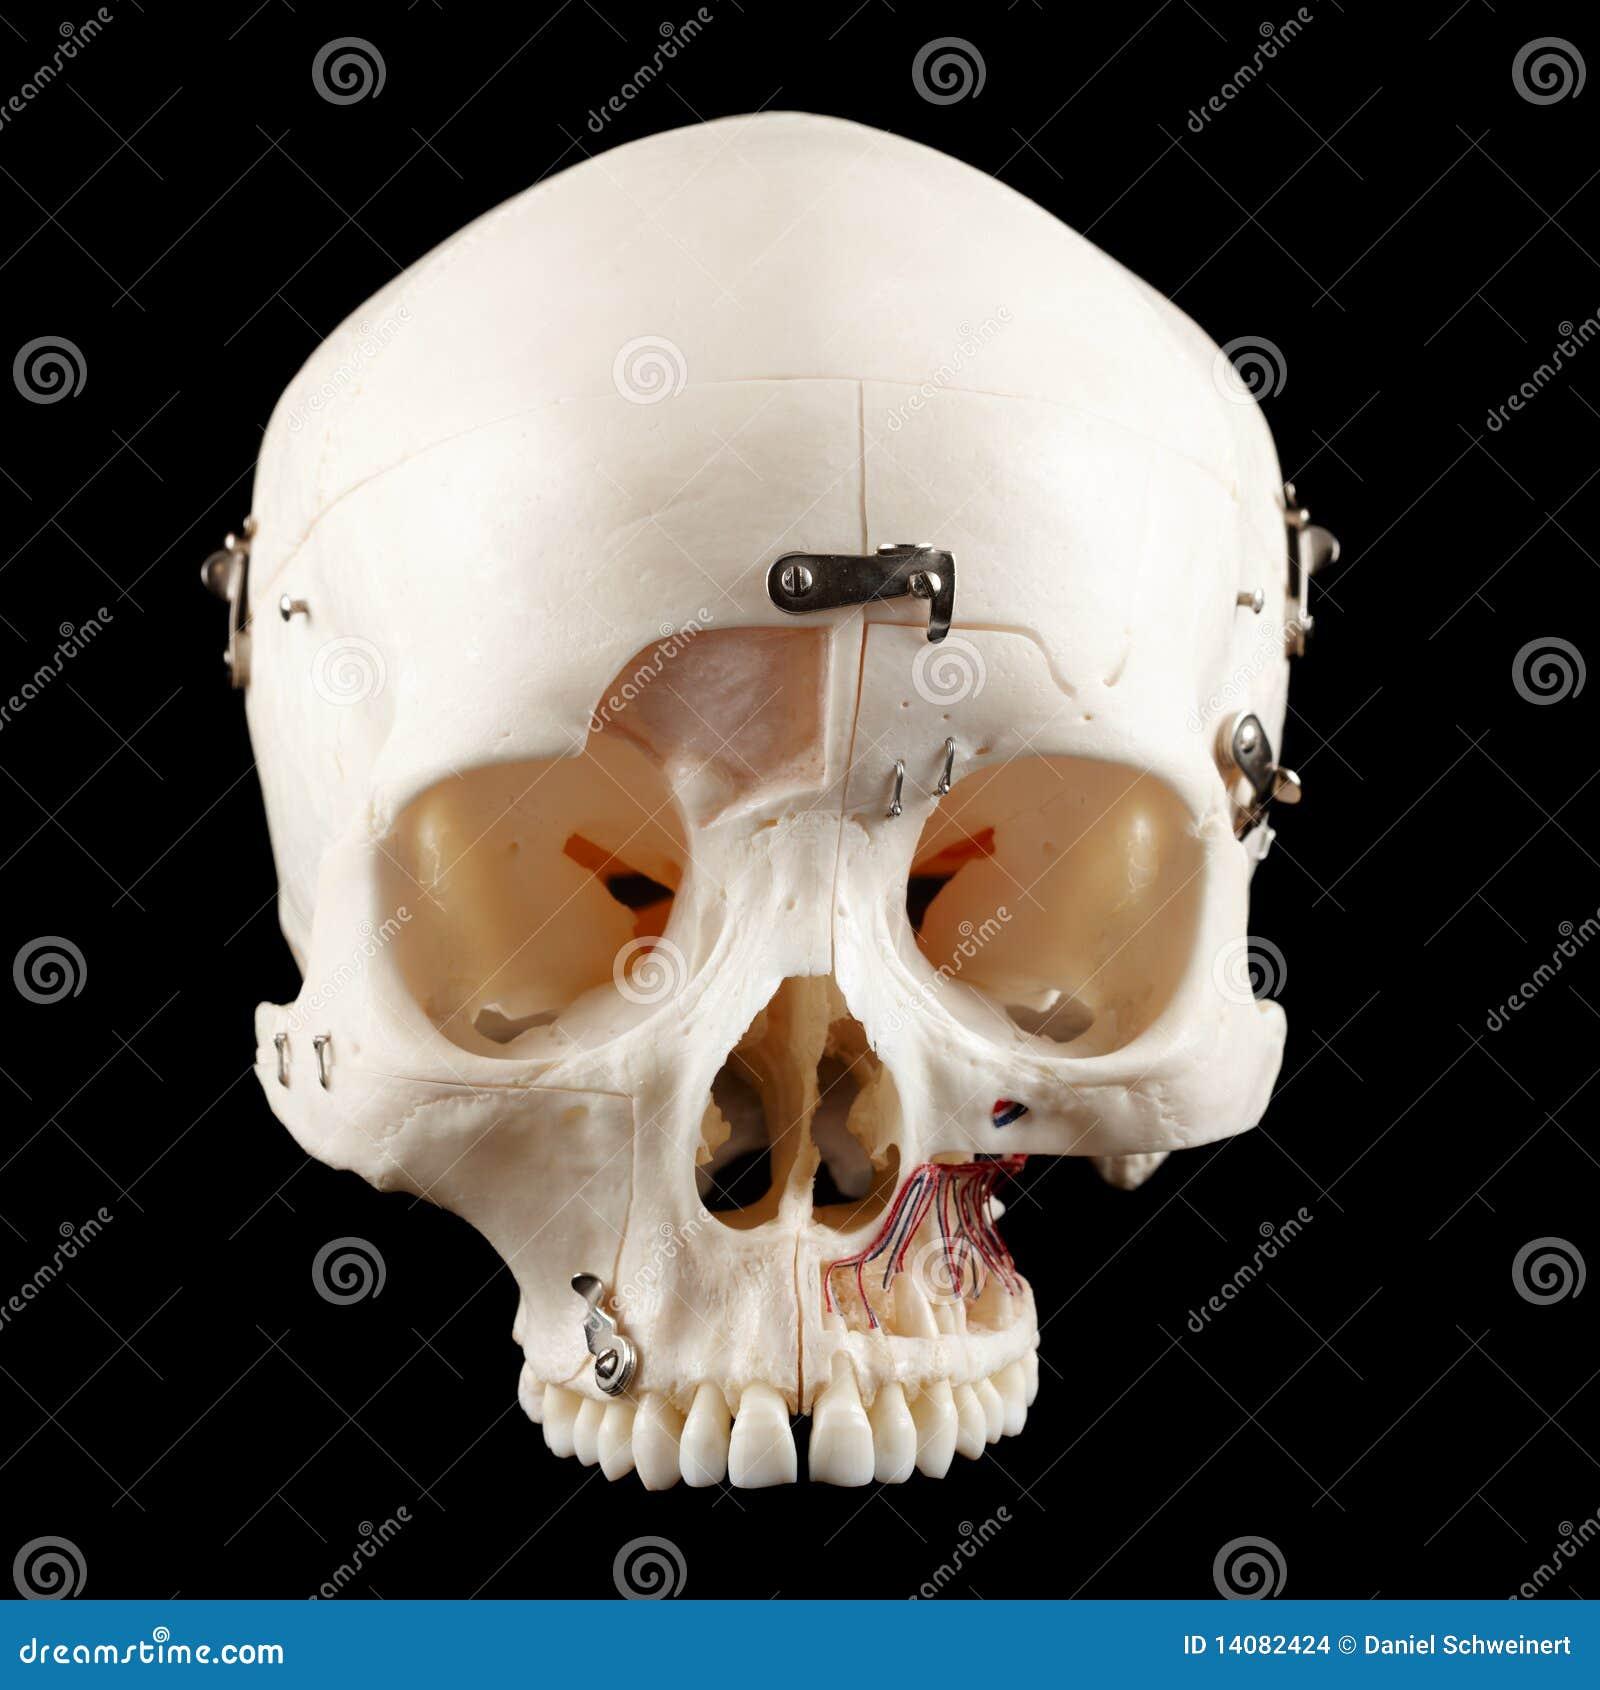 Cráneo humano foto de archivo. Imagen de pista, aislado - 14082424